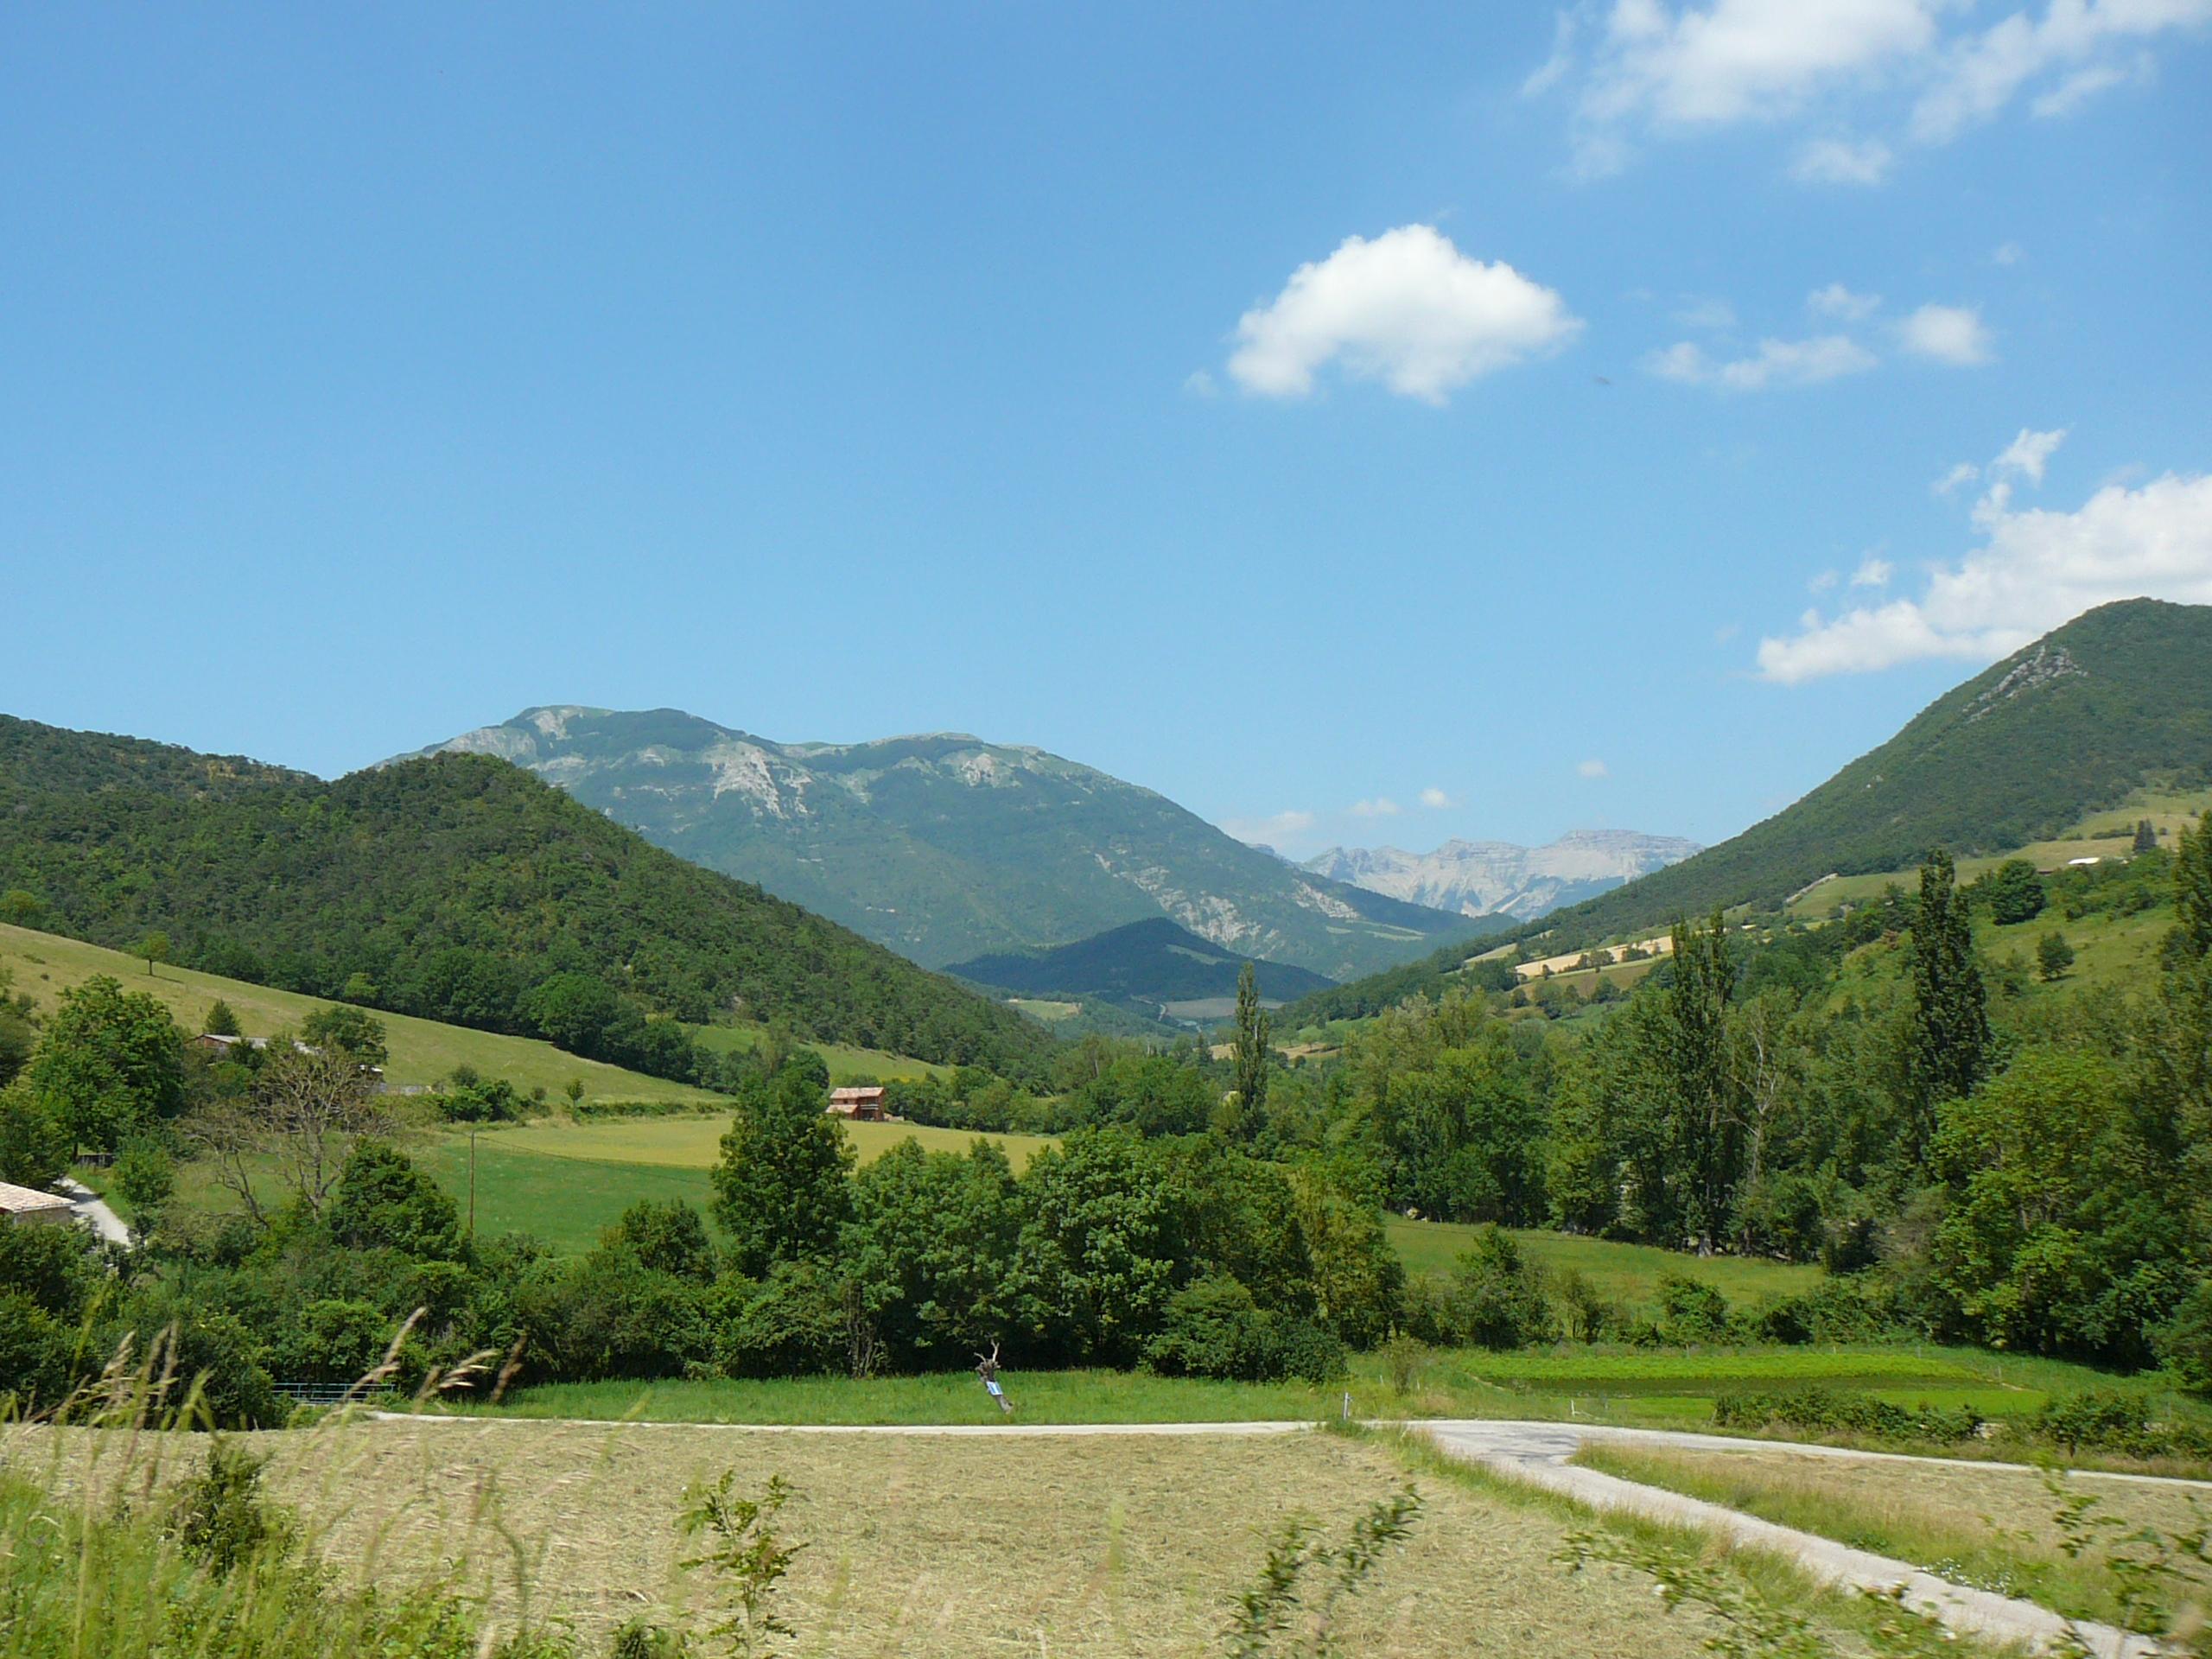 Les montagnes environnantes